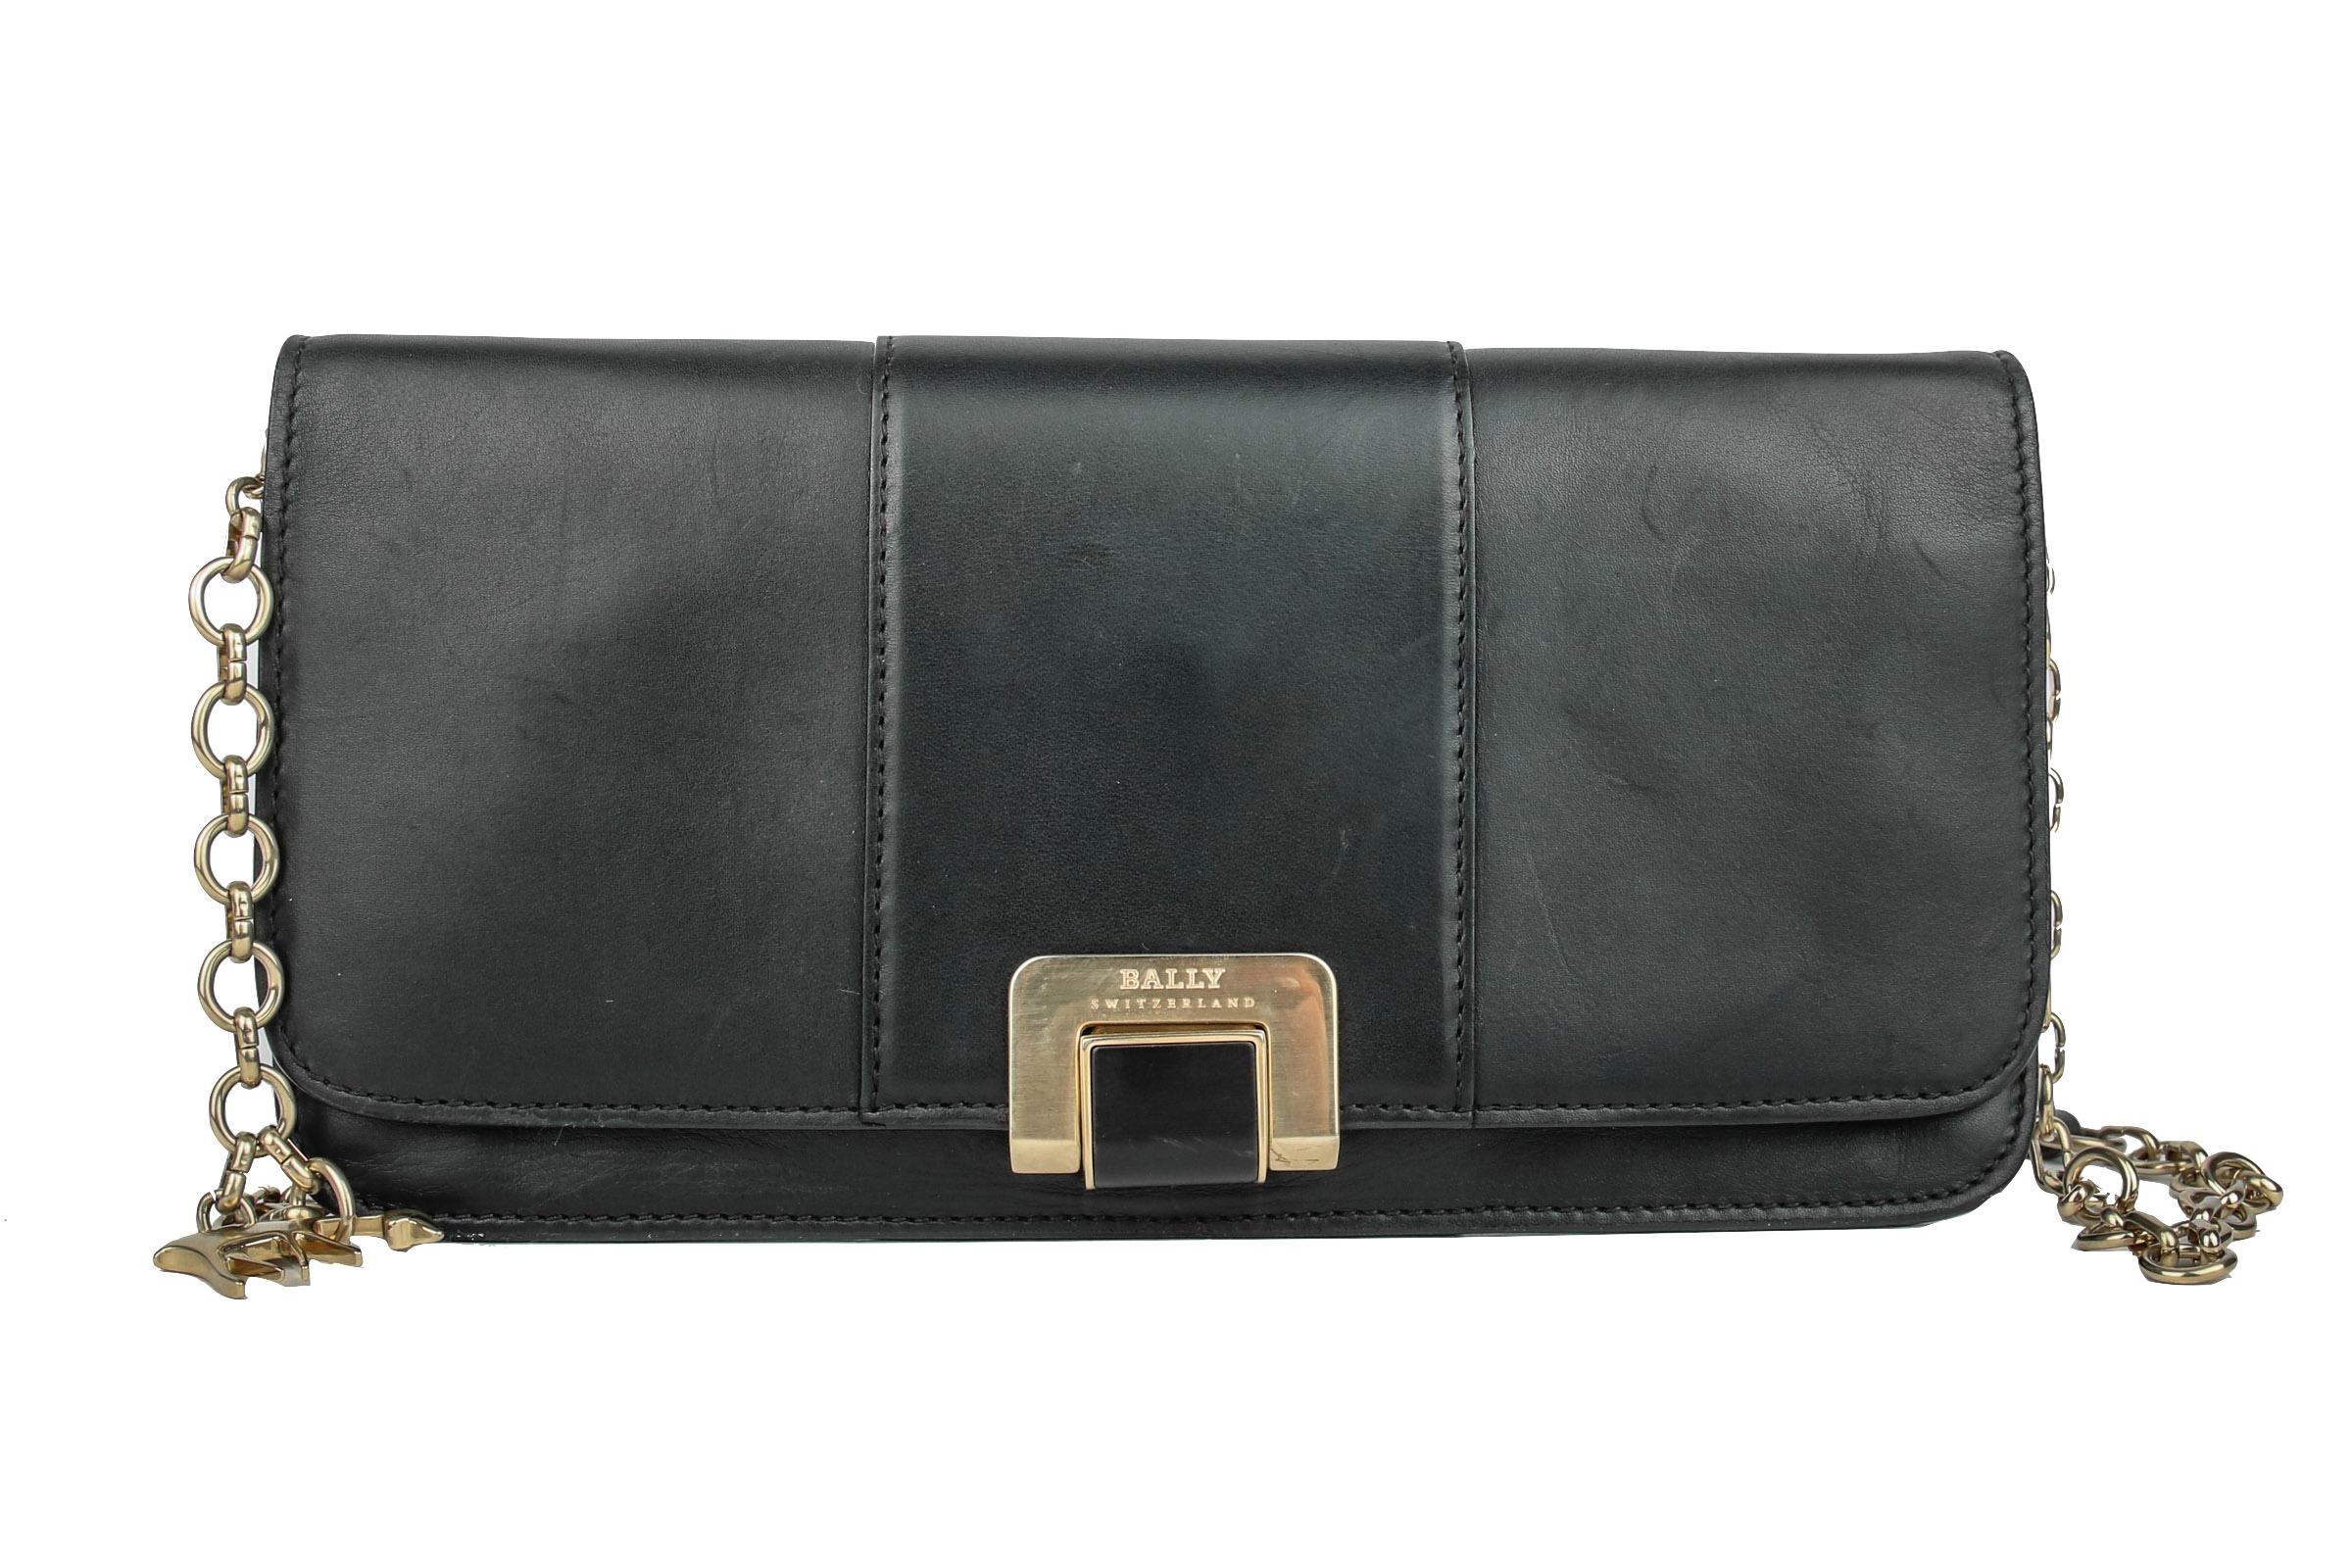 d9add39828e61 Bally Handtaschen   Accessoires